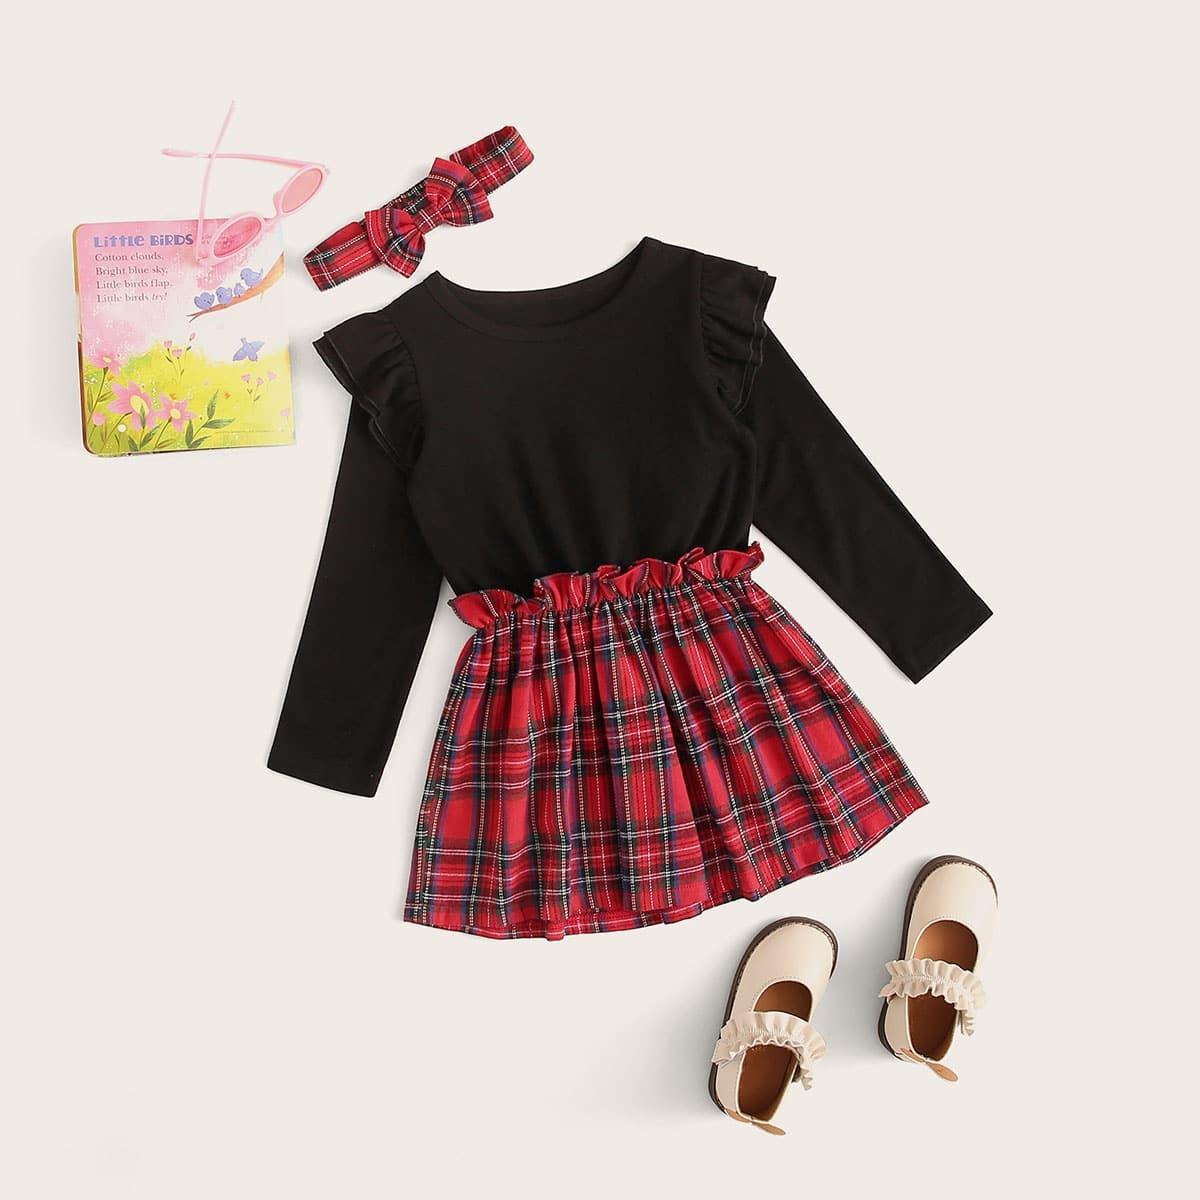 SHEIN / Kleinkind Mädchen Kleid mit Falten